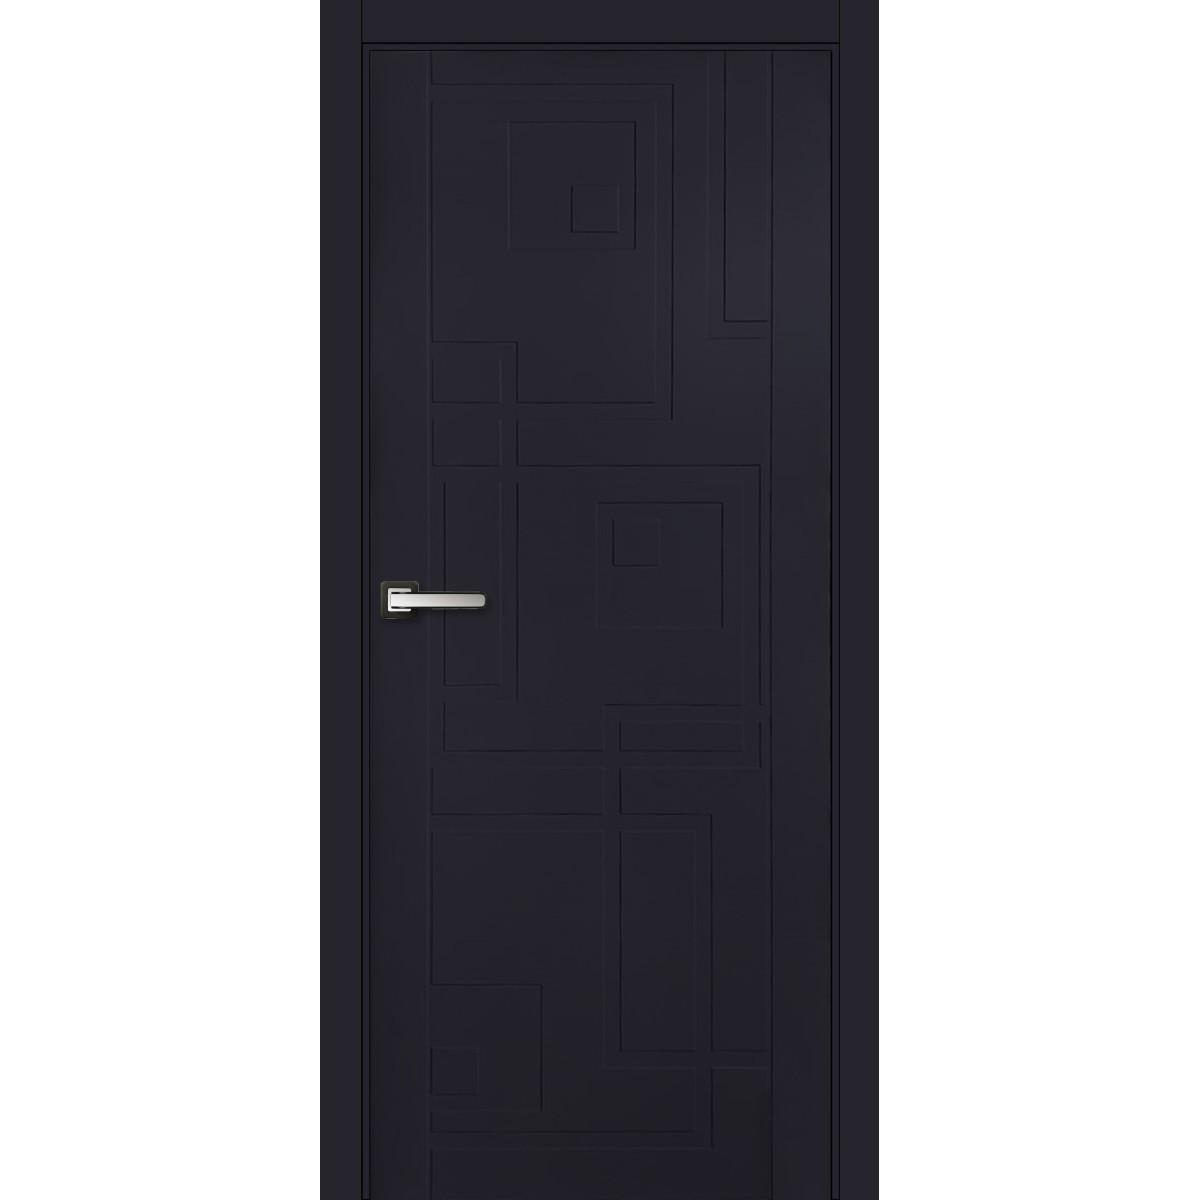 Дверь Межкомнатная Глухая Верде 200x80 Эмаль Цвет Синий С Фурнитурой